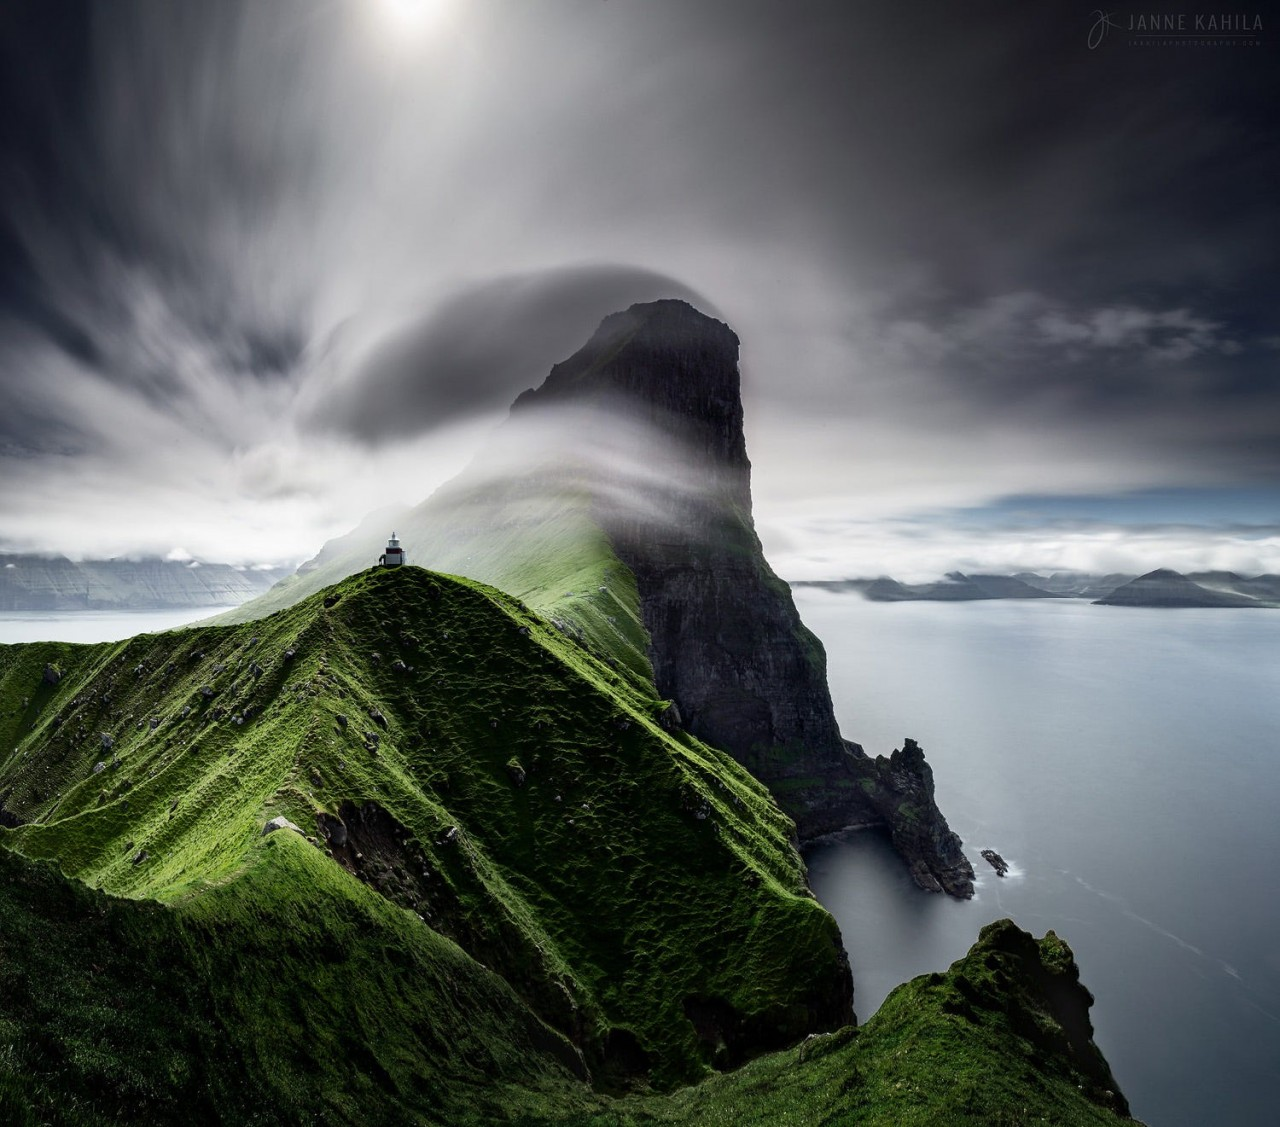 Фарерские острова. Фотограф Янне Кахила